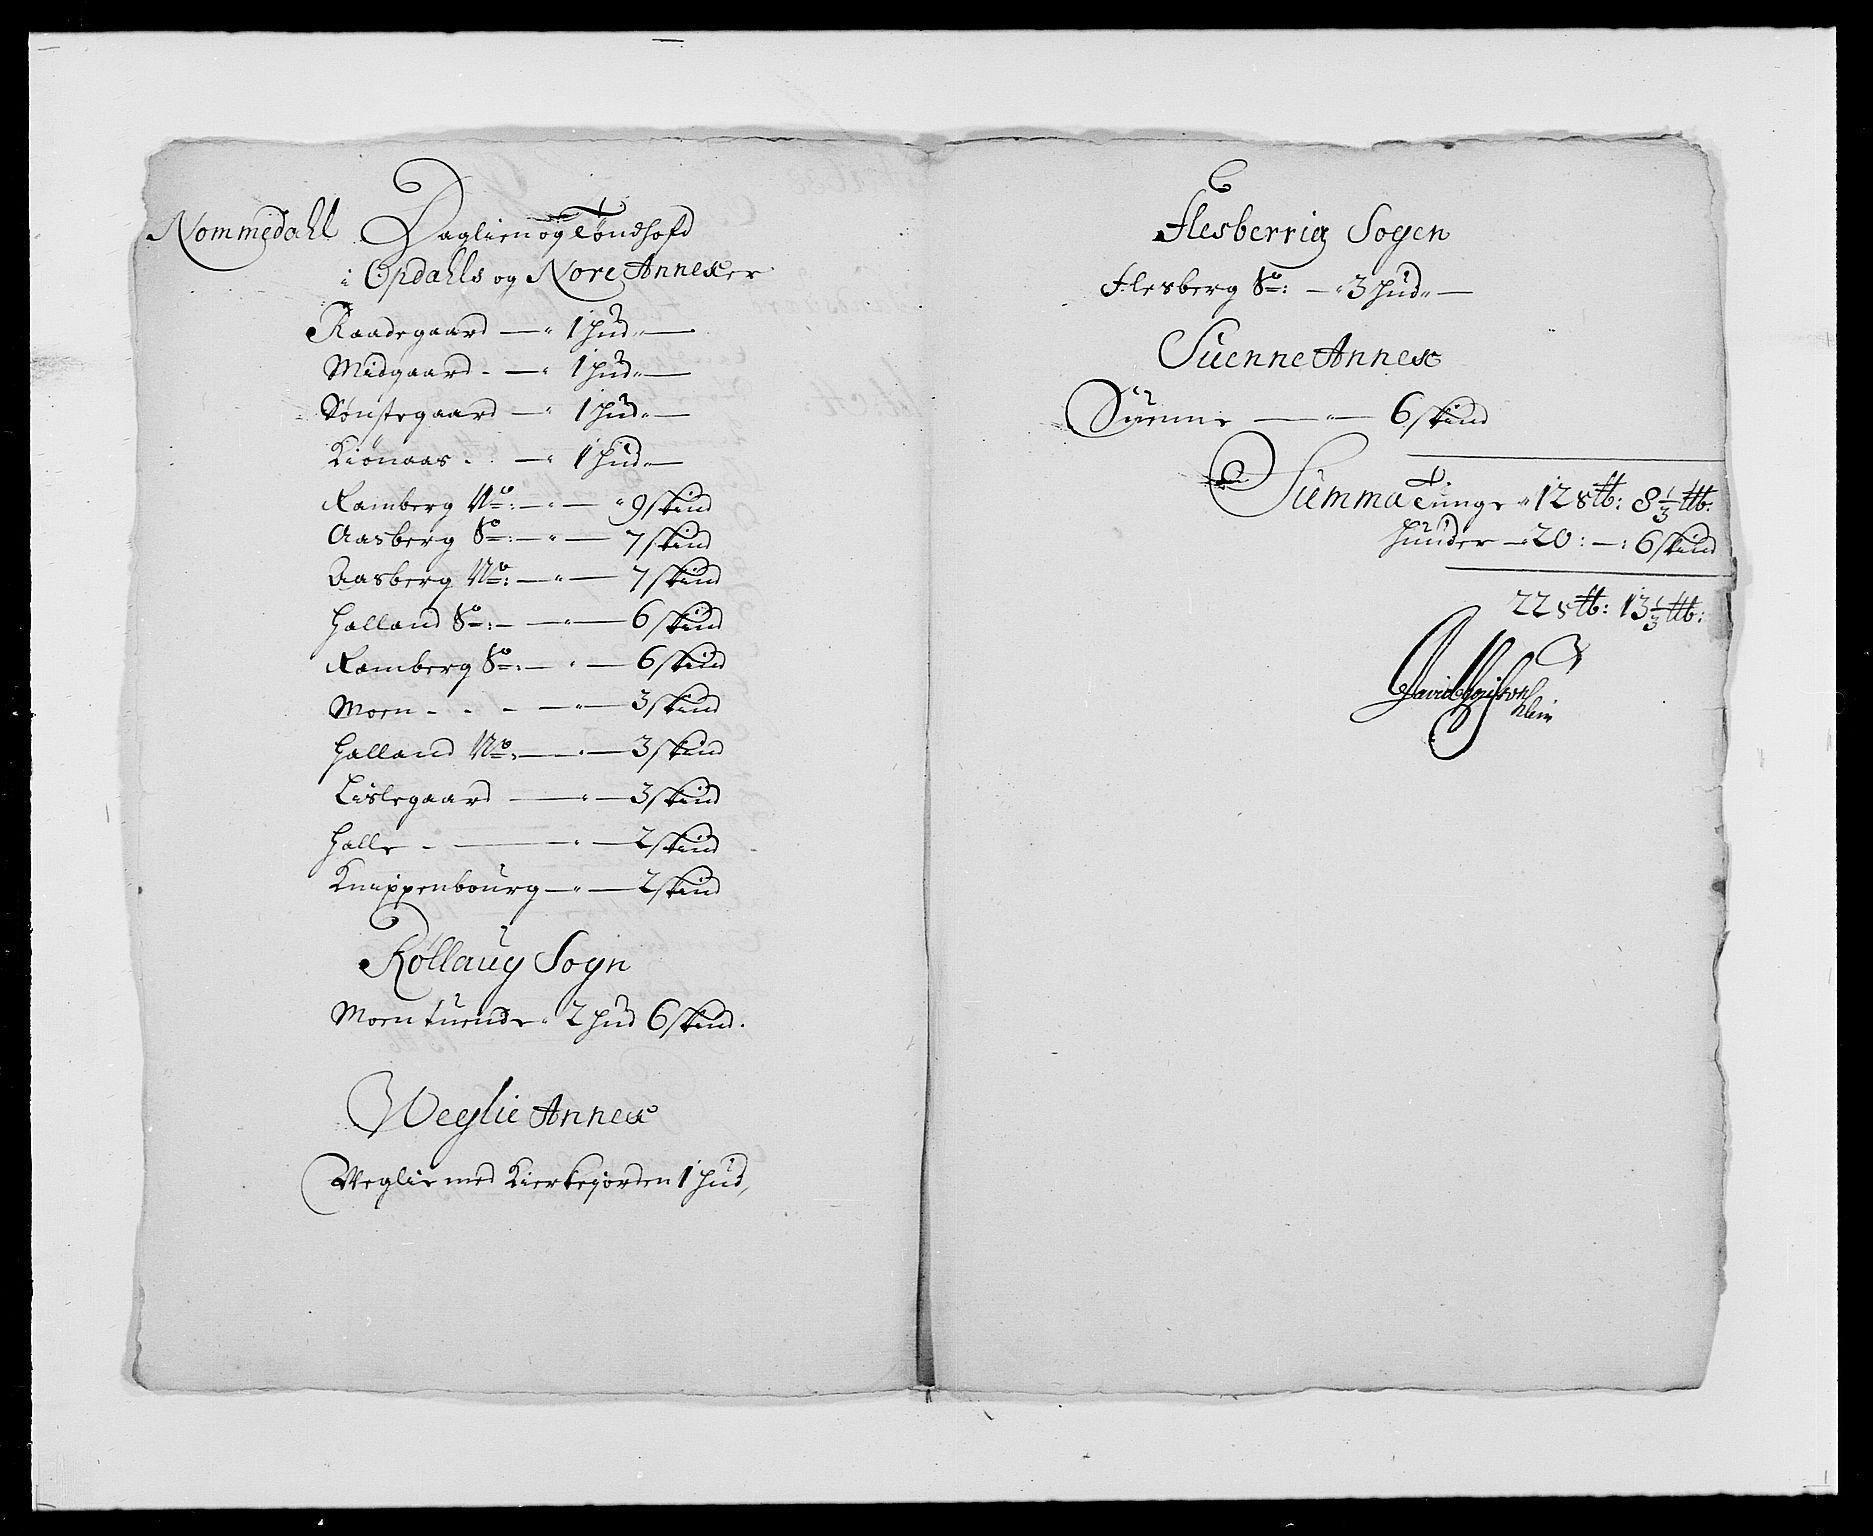 RA, Rentekammeret inntil 1814, Reviderte regnskaper, Fogderegnskap, R24/L1573: Fogderegnskap Numedal og Sandsvær, 1687-1691, s. 299